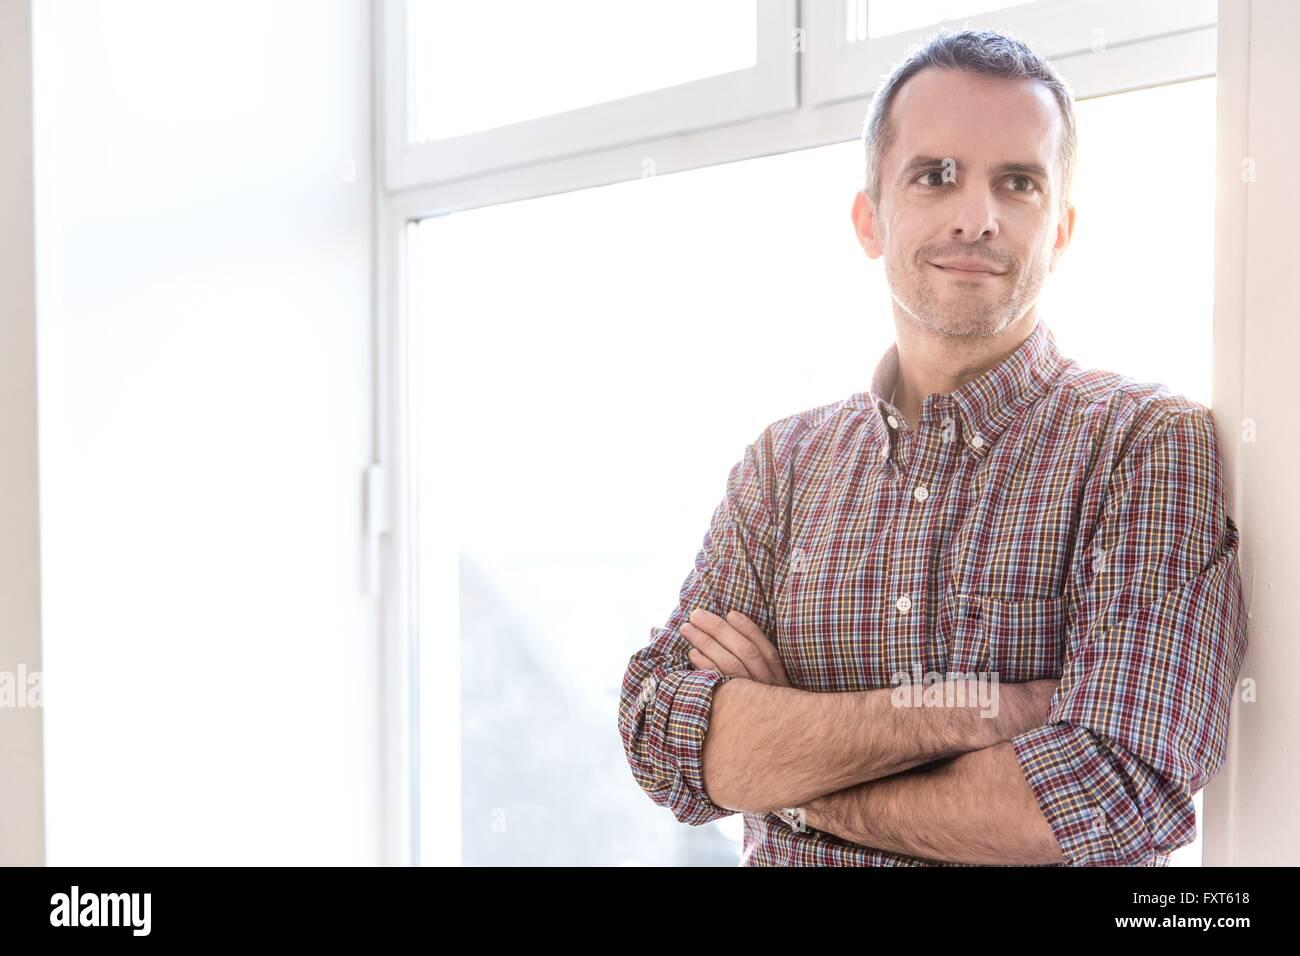 Reifer Mann Check Hemd gelehnt Fenster Arme gekreuzt aussehende Weg Lächeln Stockfoto